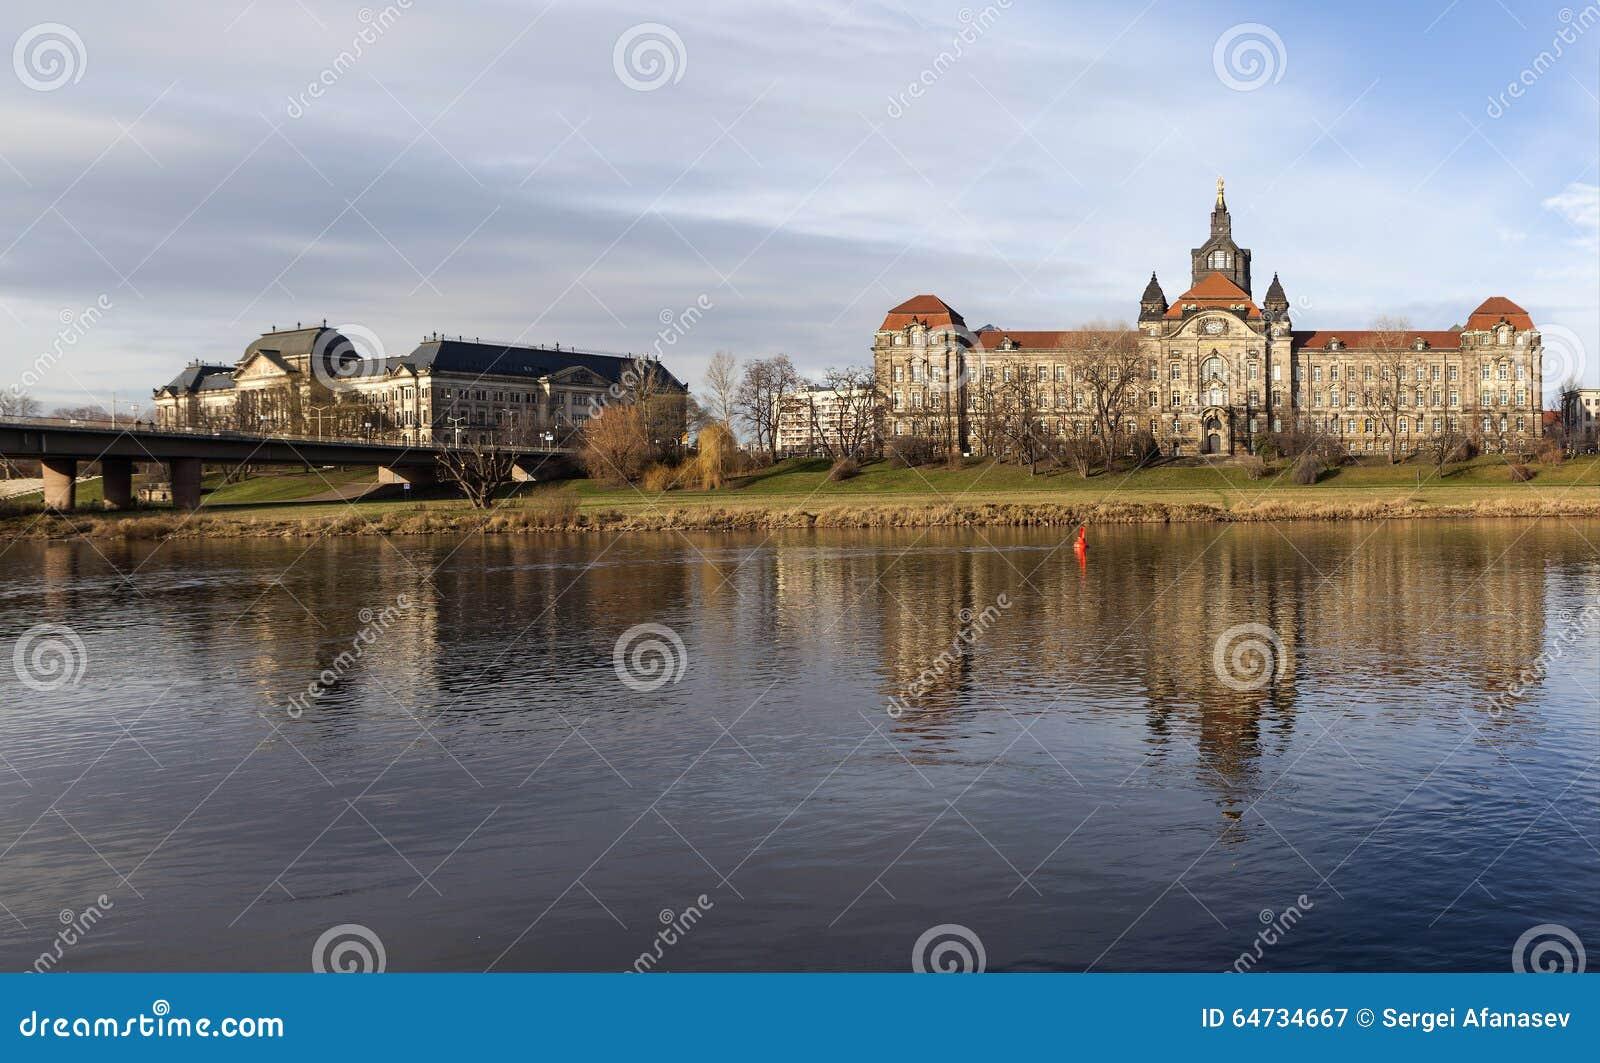 Il ministero delle finanze e la cancelleria dello stato della Sassonia dresda germany